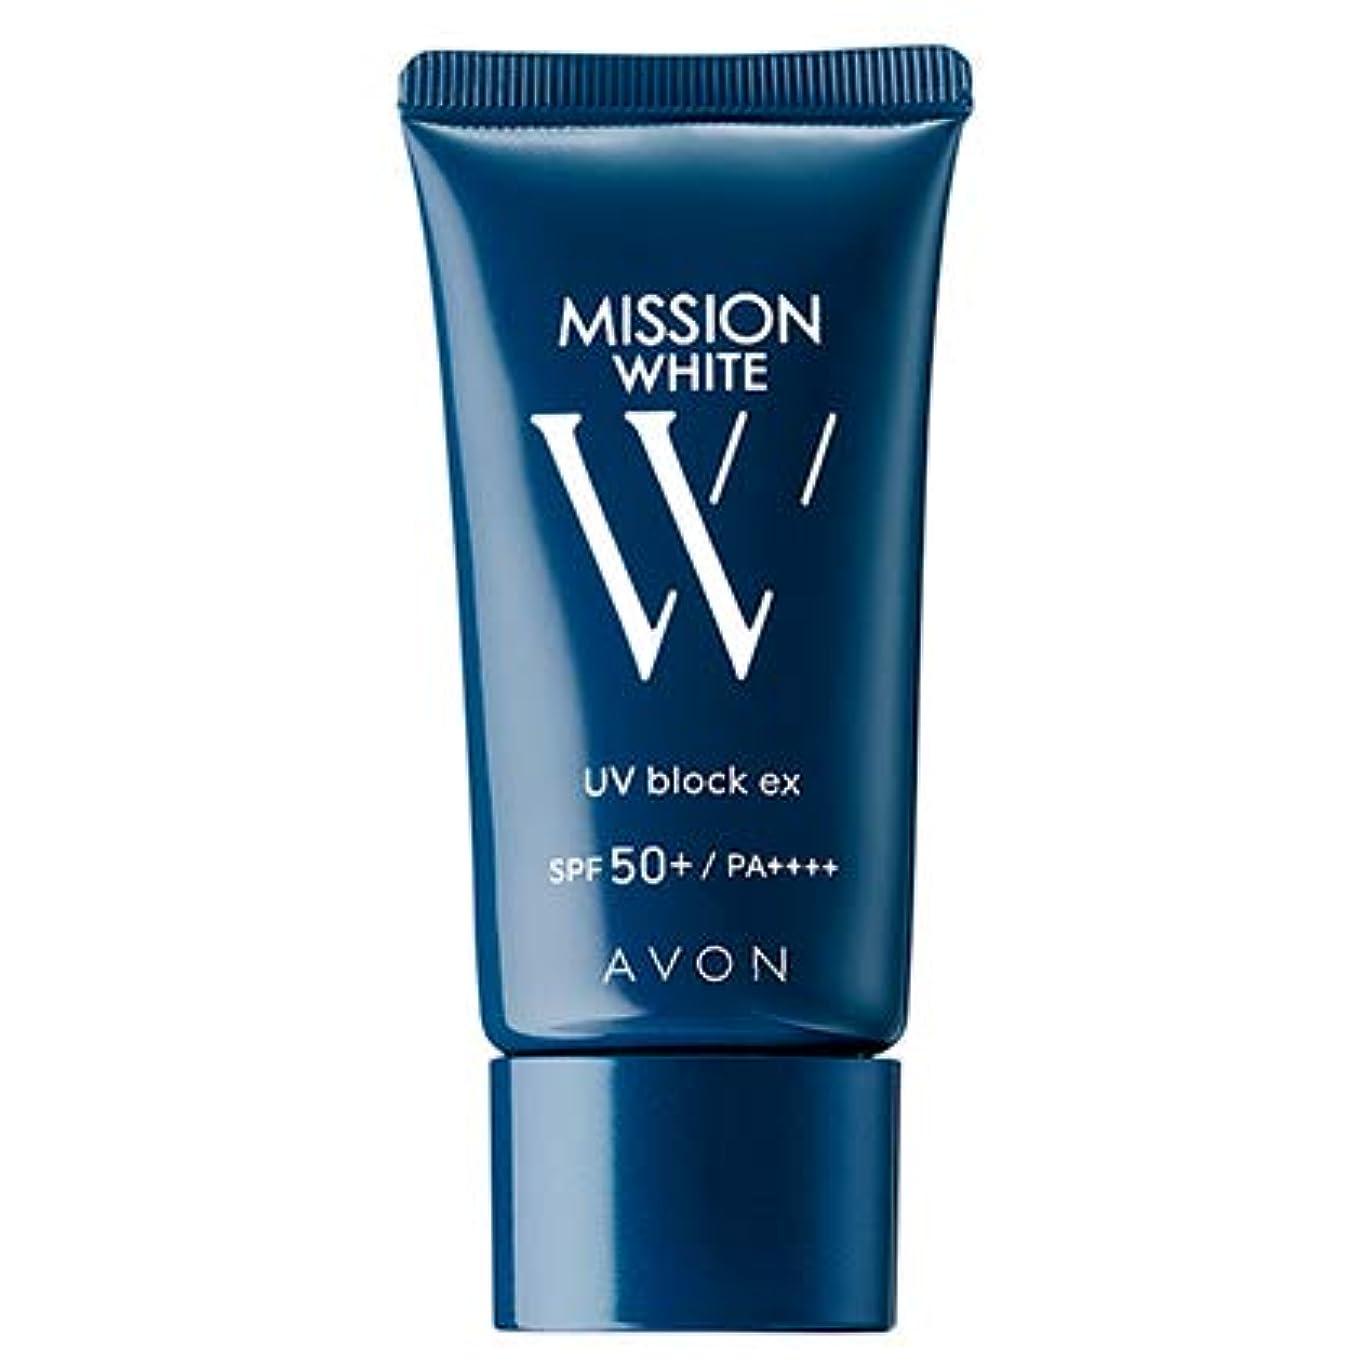 添付ピルファー下位エイボン ミッション ホワイト UVブロック EX(SPF50+/PA++++)(医薬部外品) 30g